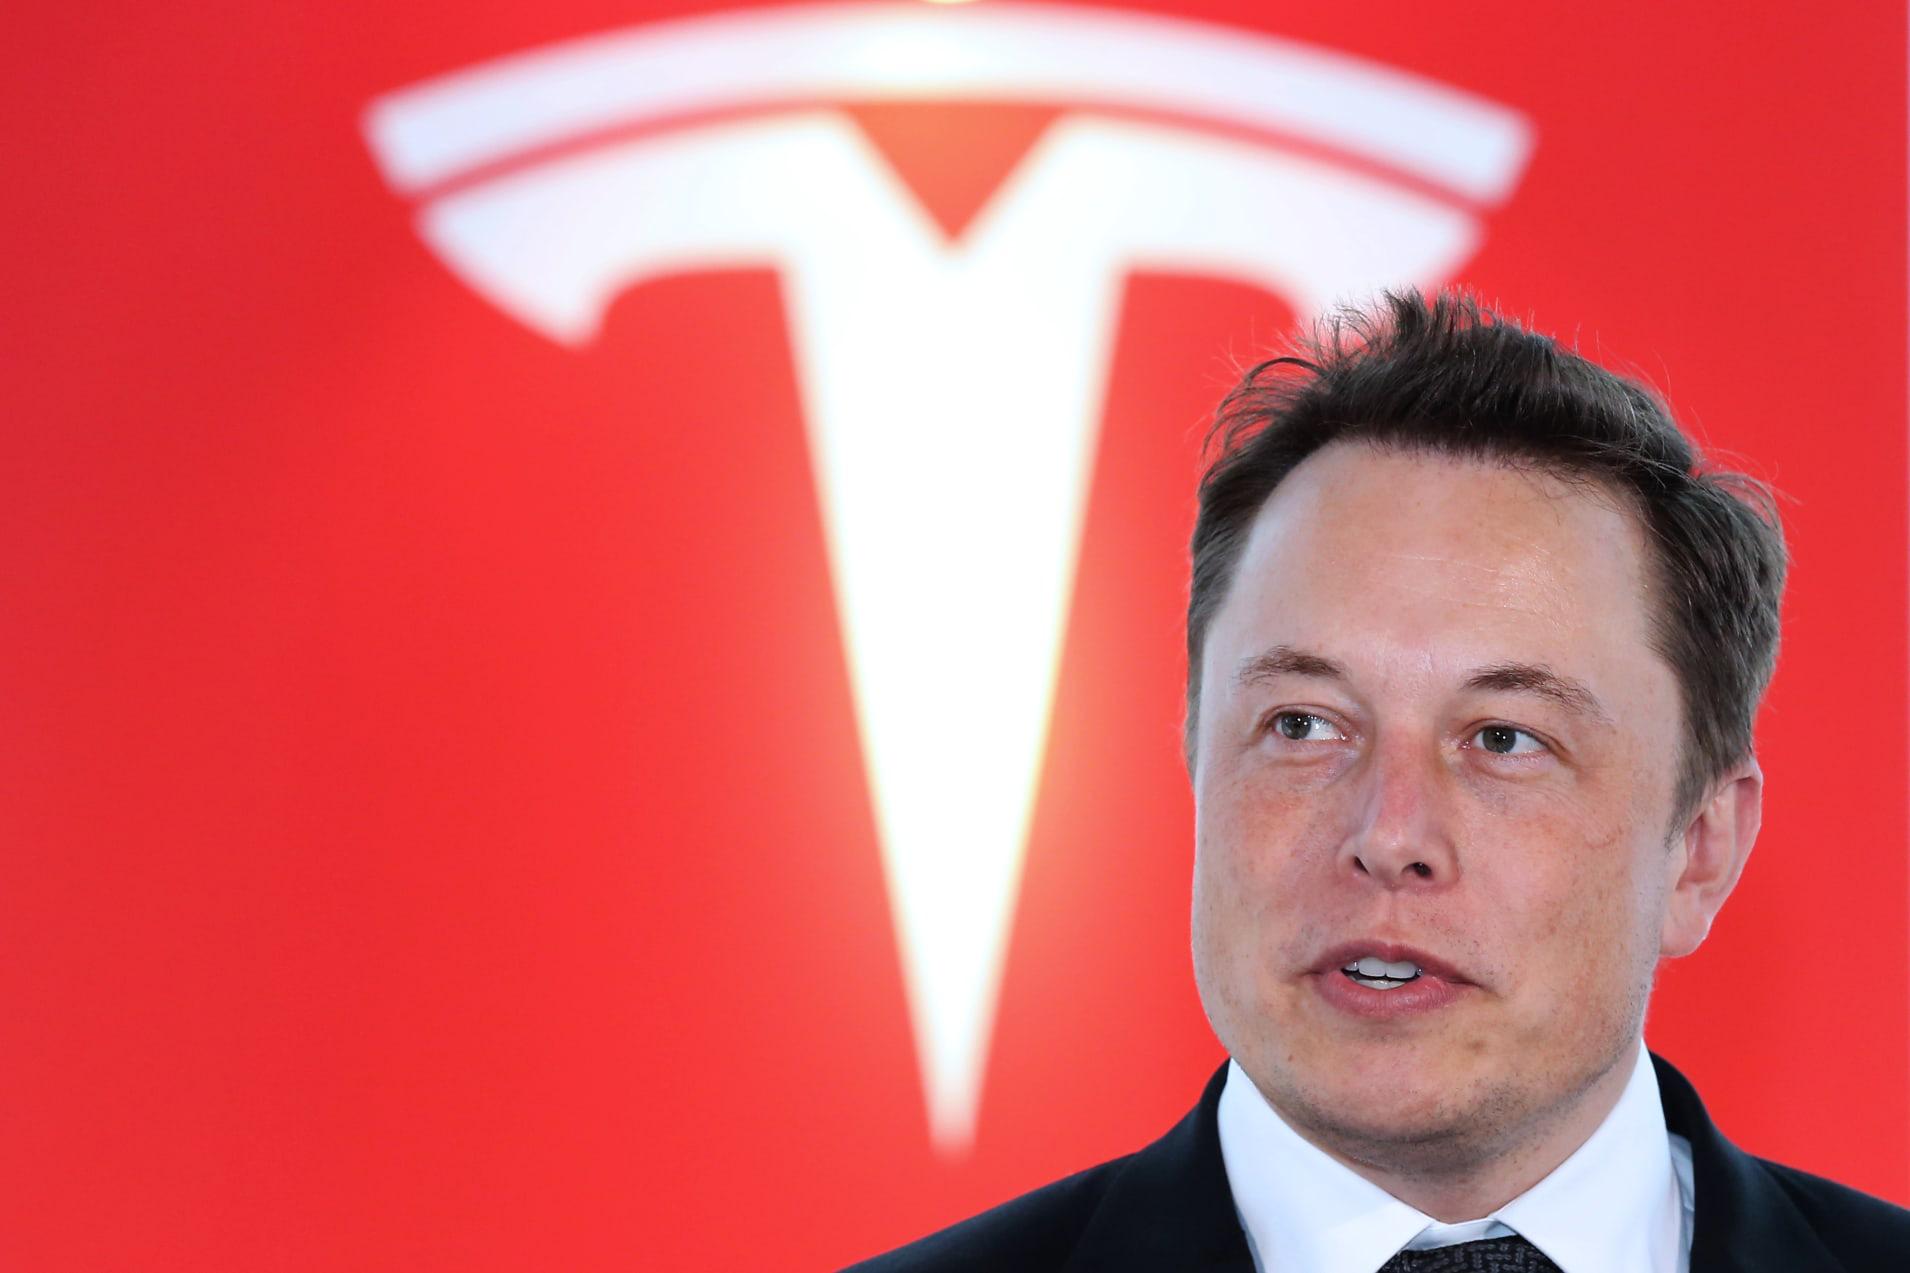 Vì sao cổ phiếu Tesla tăng sốc 20%, làm đội bán khống mất gần 2,5 tỉ USD trong một phiên? - Ảnh 1.